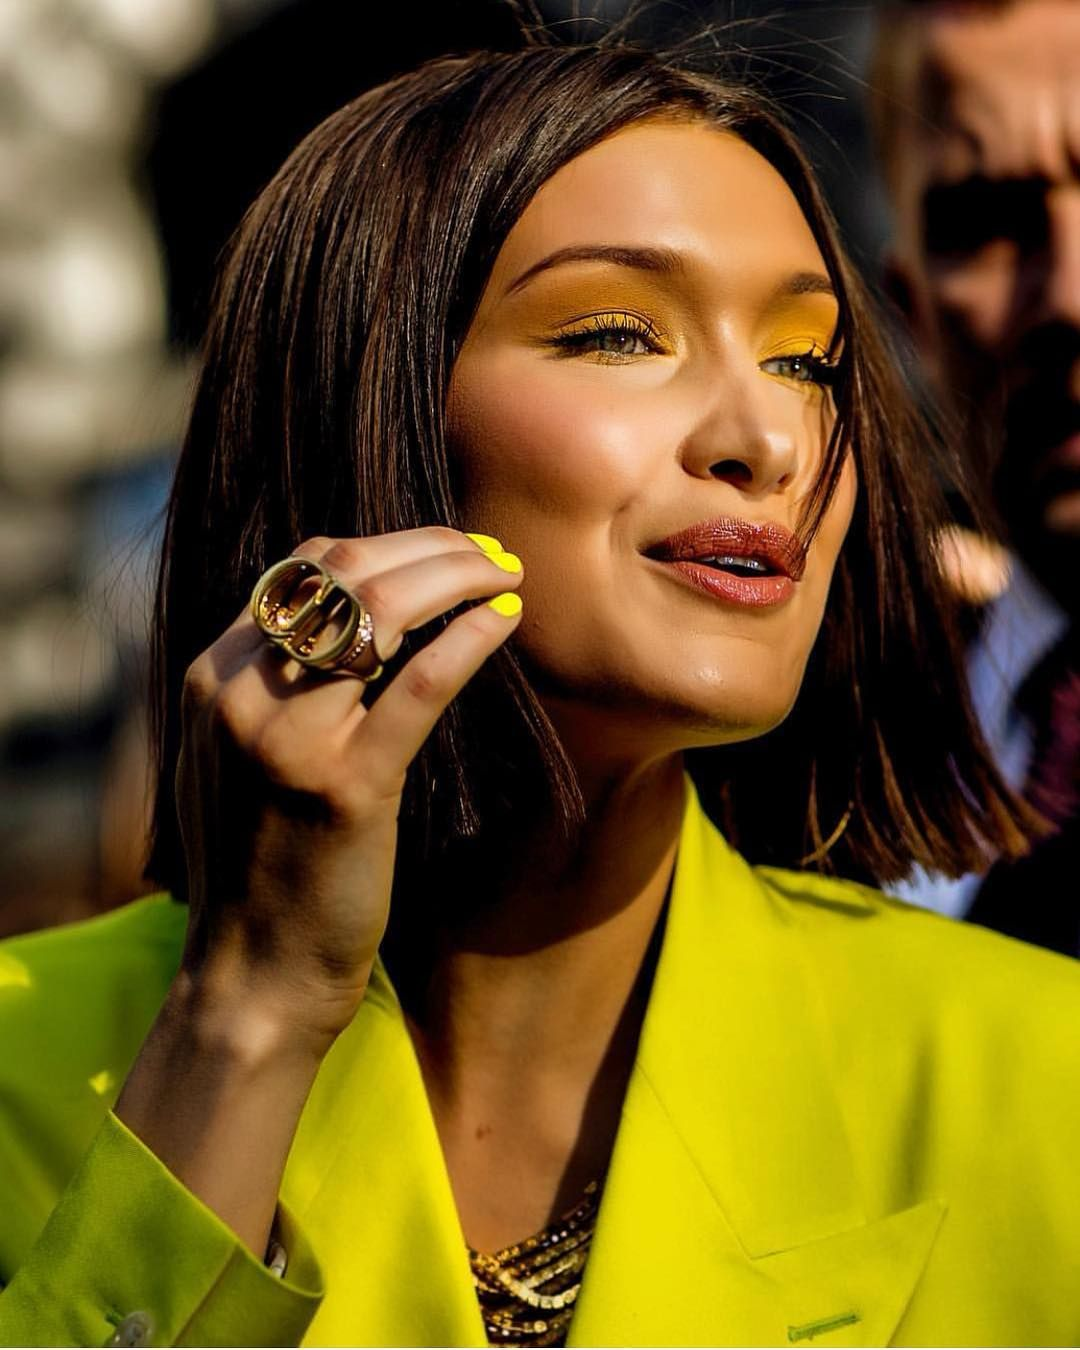 últimas tendencias en colores para uñas, modelos de uñas en gel en tendencia, cuáles son los colores de moda 2019